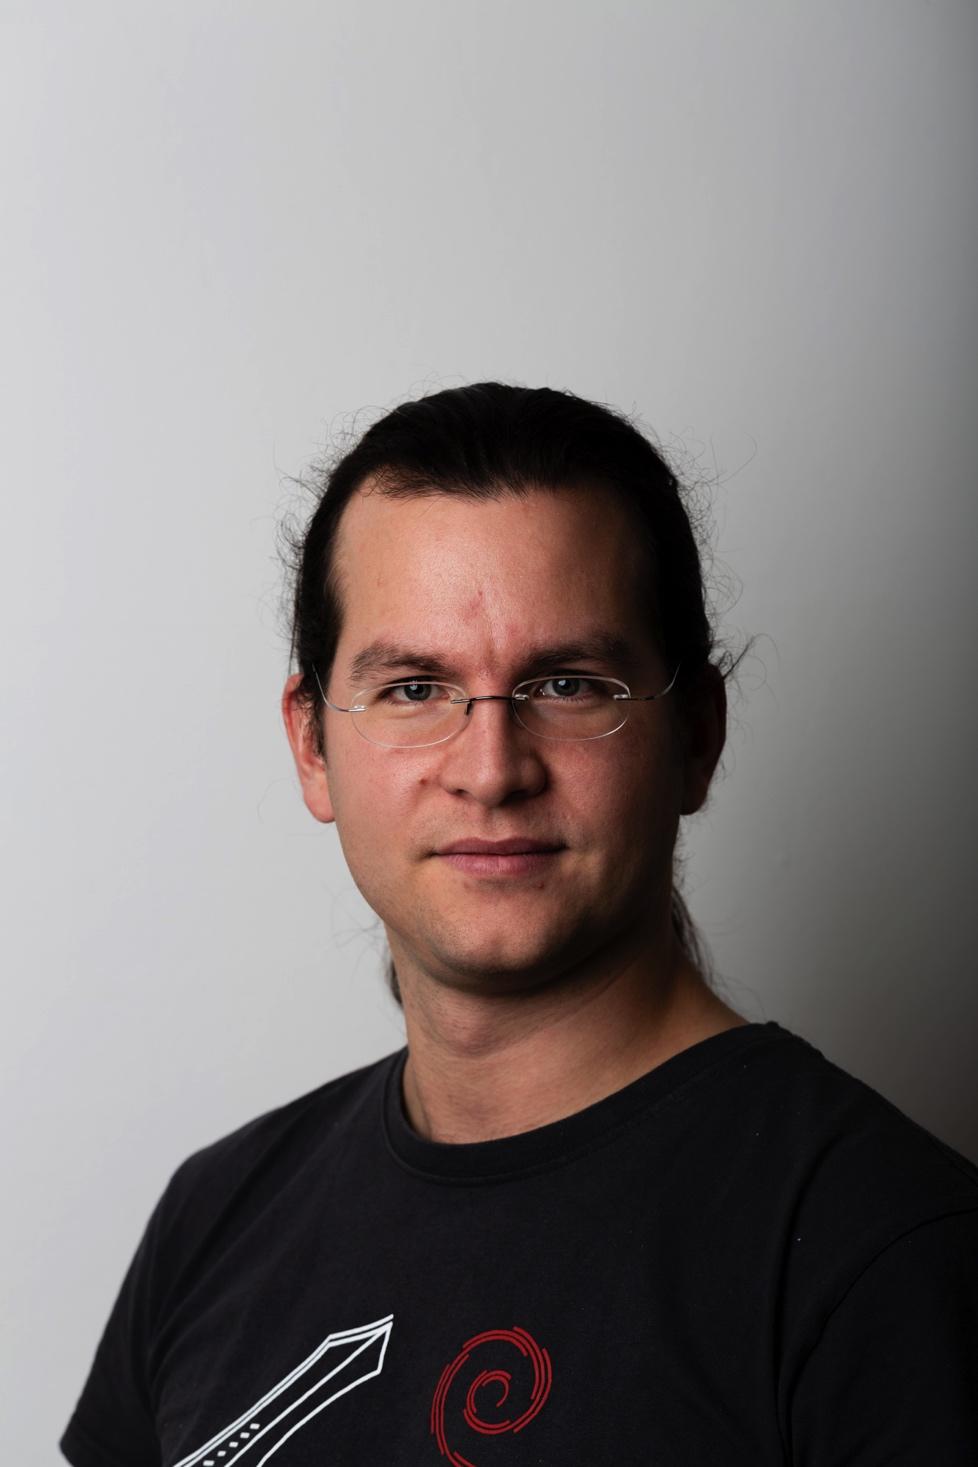 Photo of Christian Amsüss